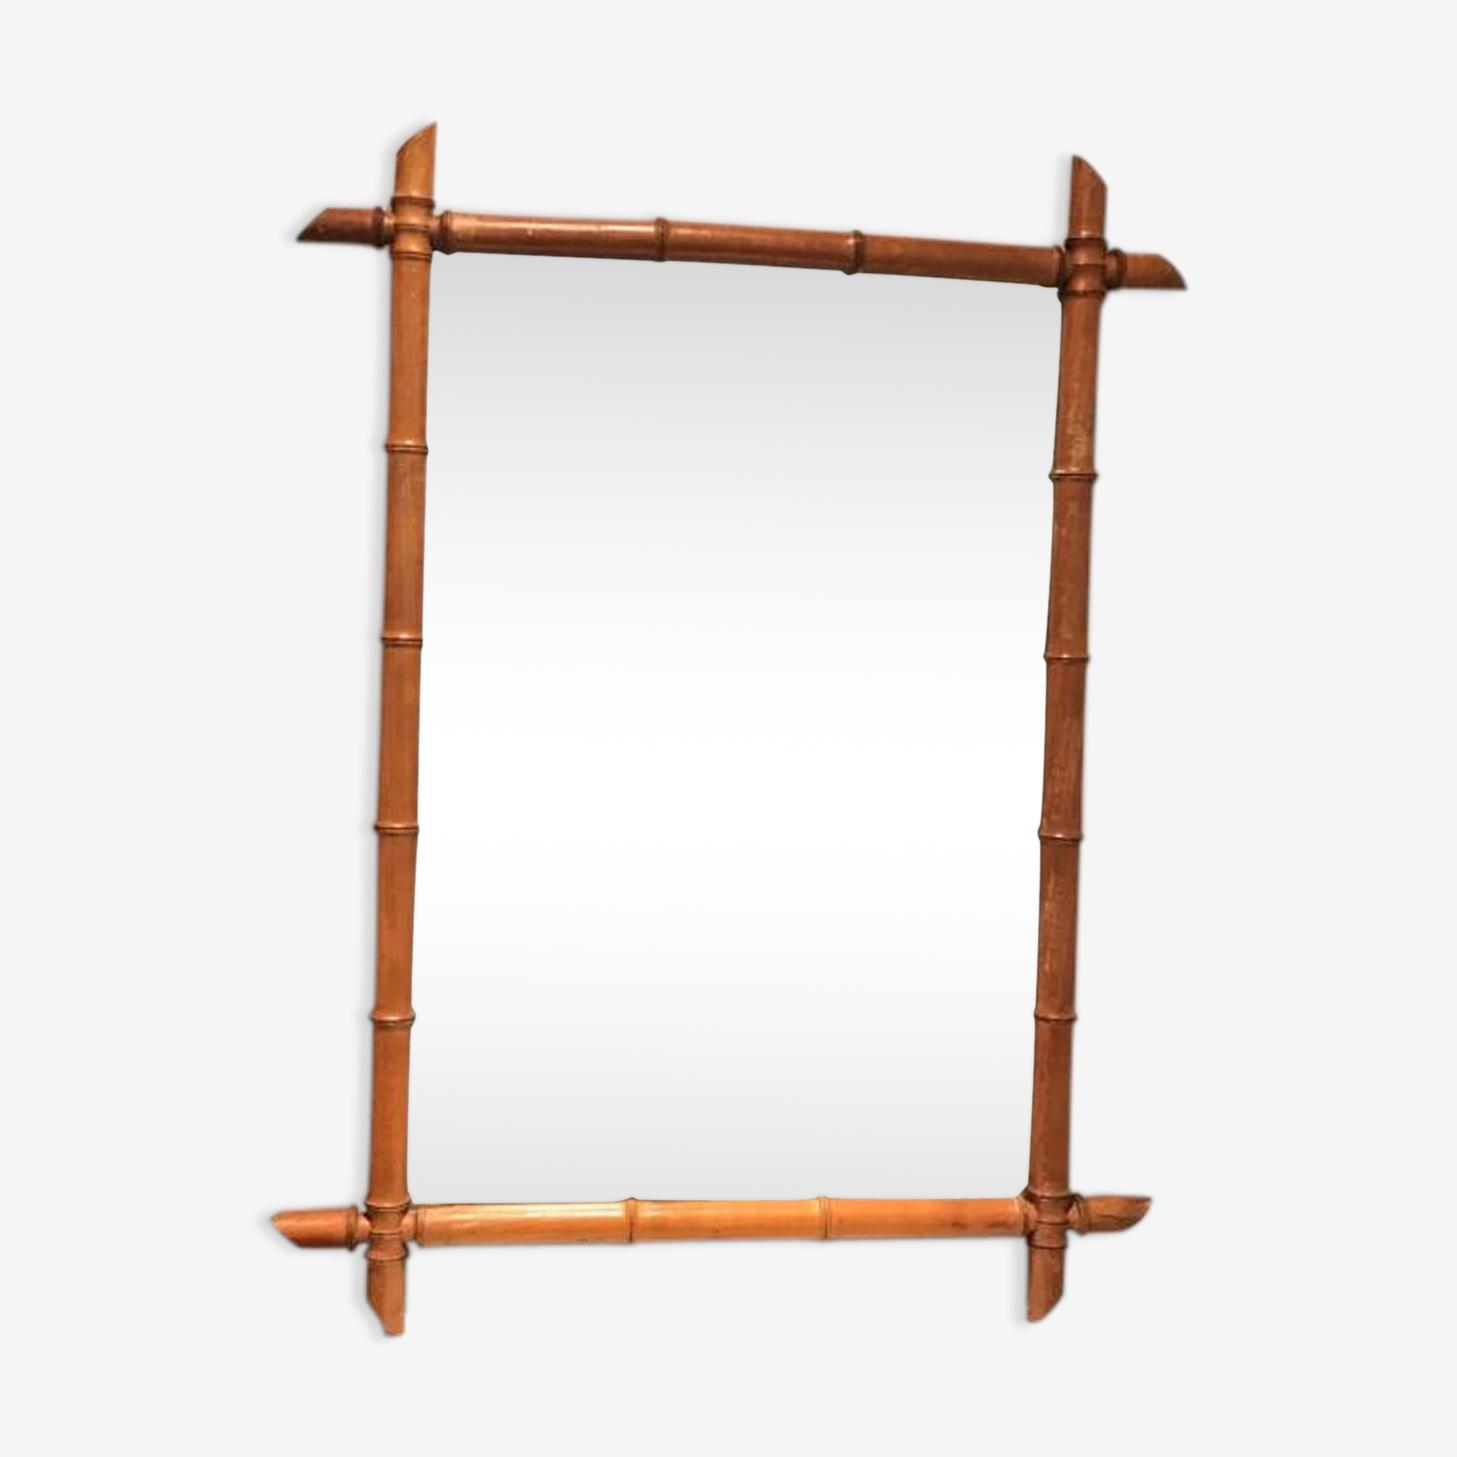 Miroir bambou 82x55cm